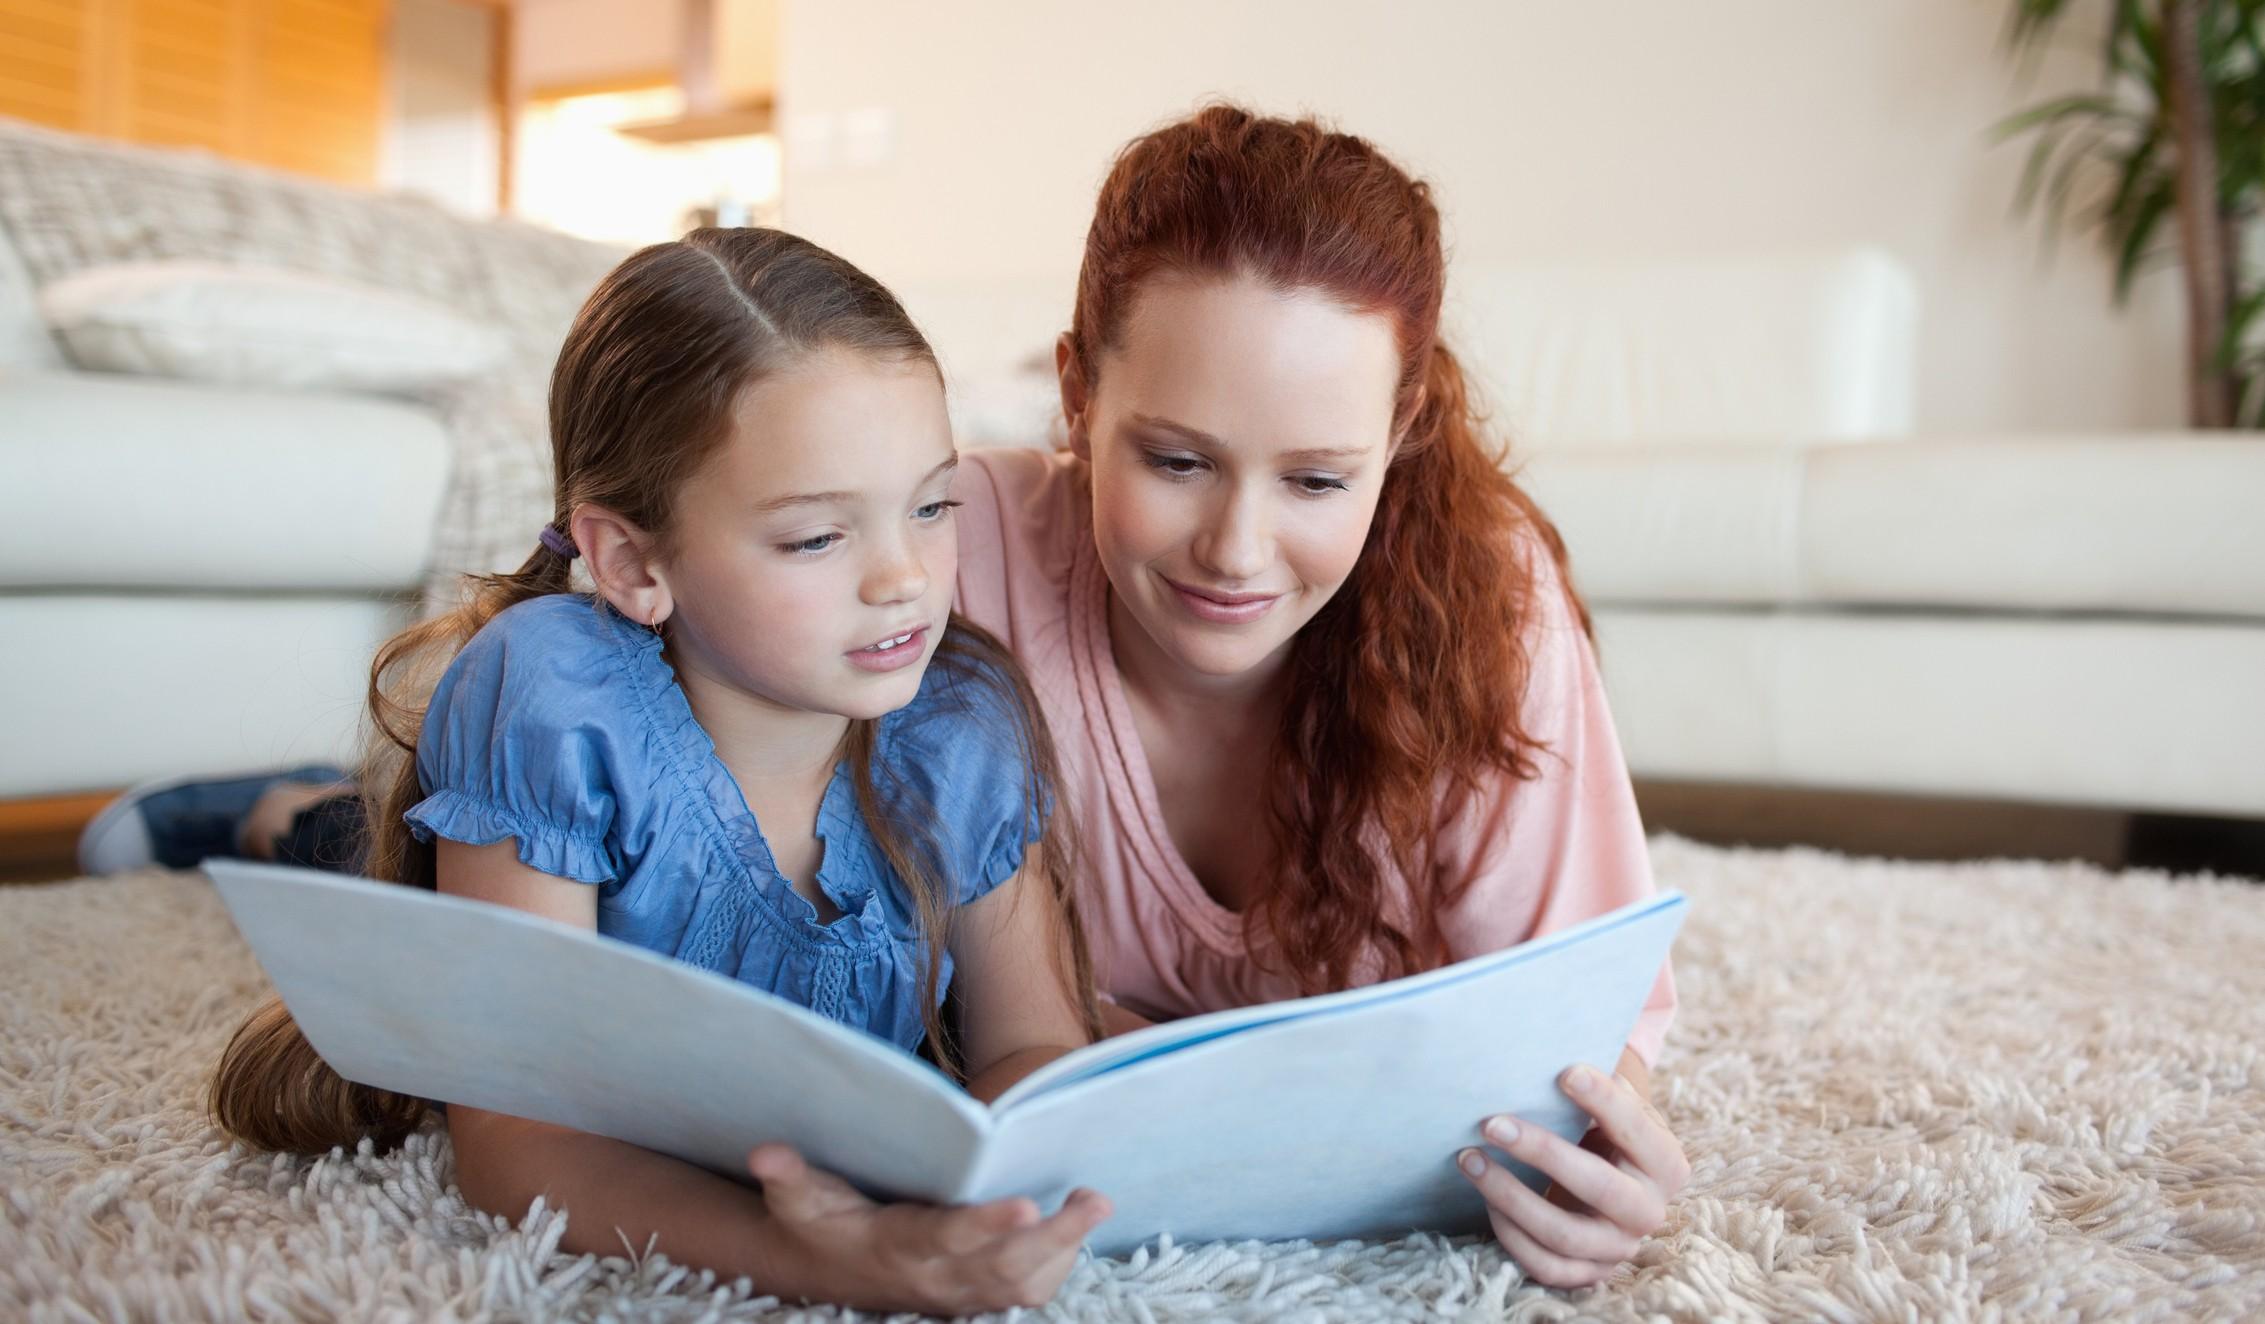 Öt módszer arra, hogyan segítheted gyermeked lelki egészségét